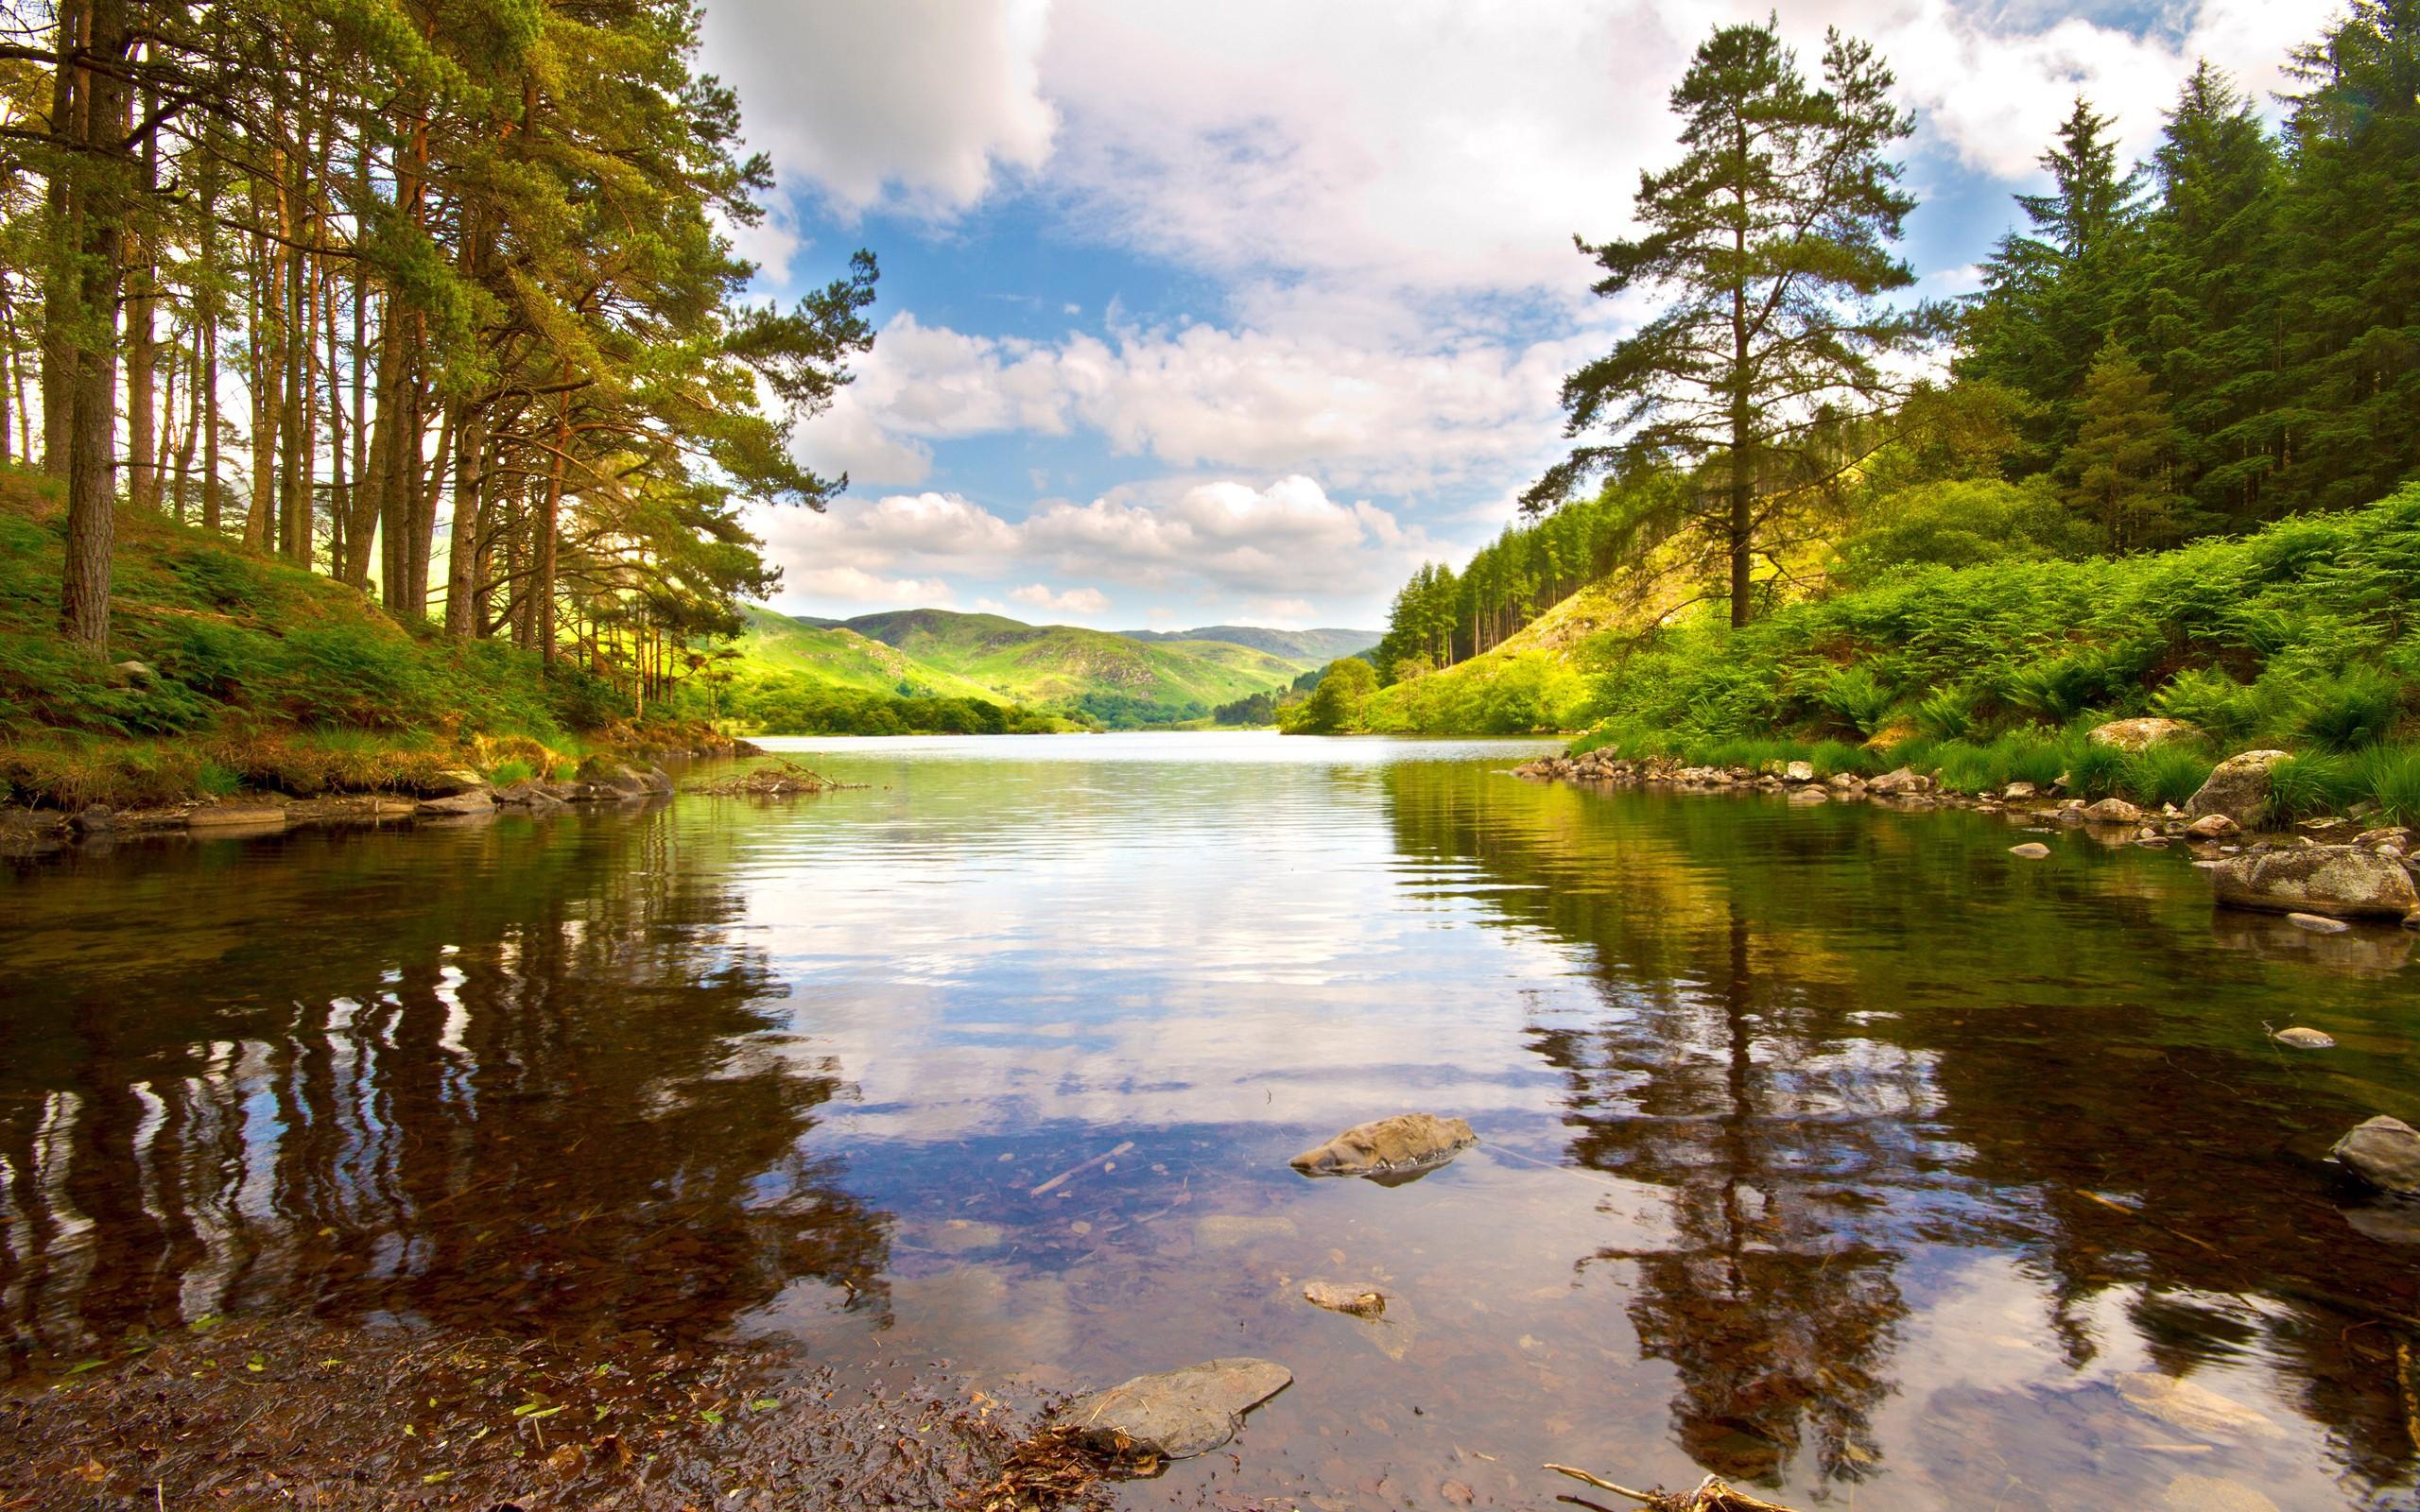 Картинка с рекой и с лесом, мужчине рождением